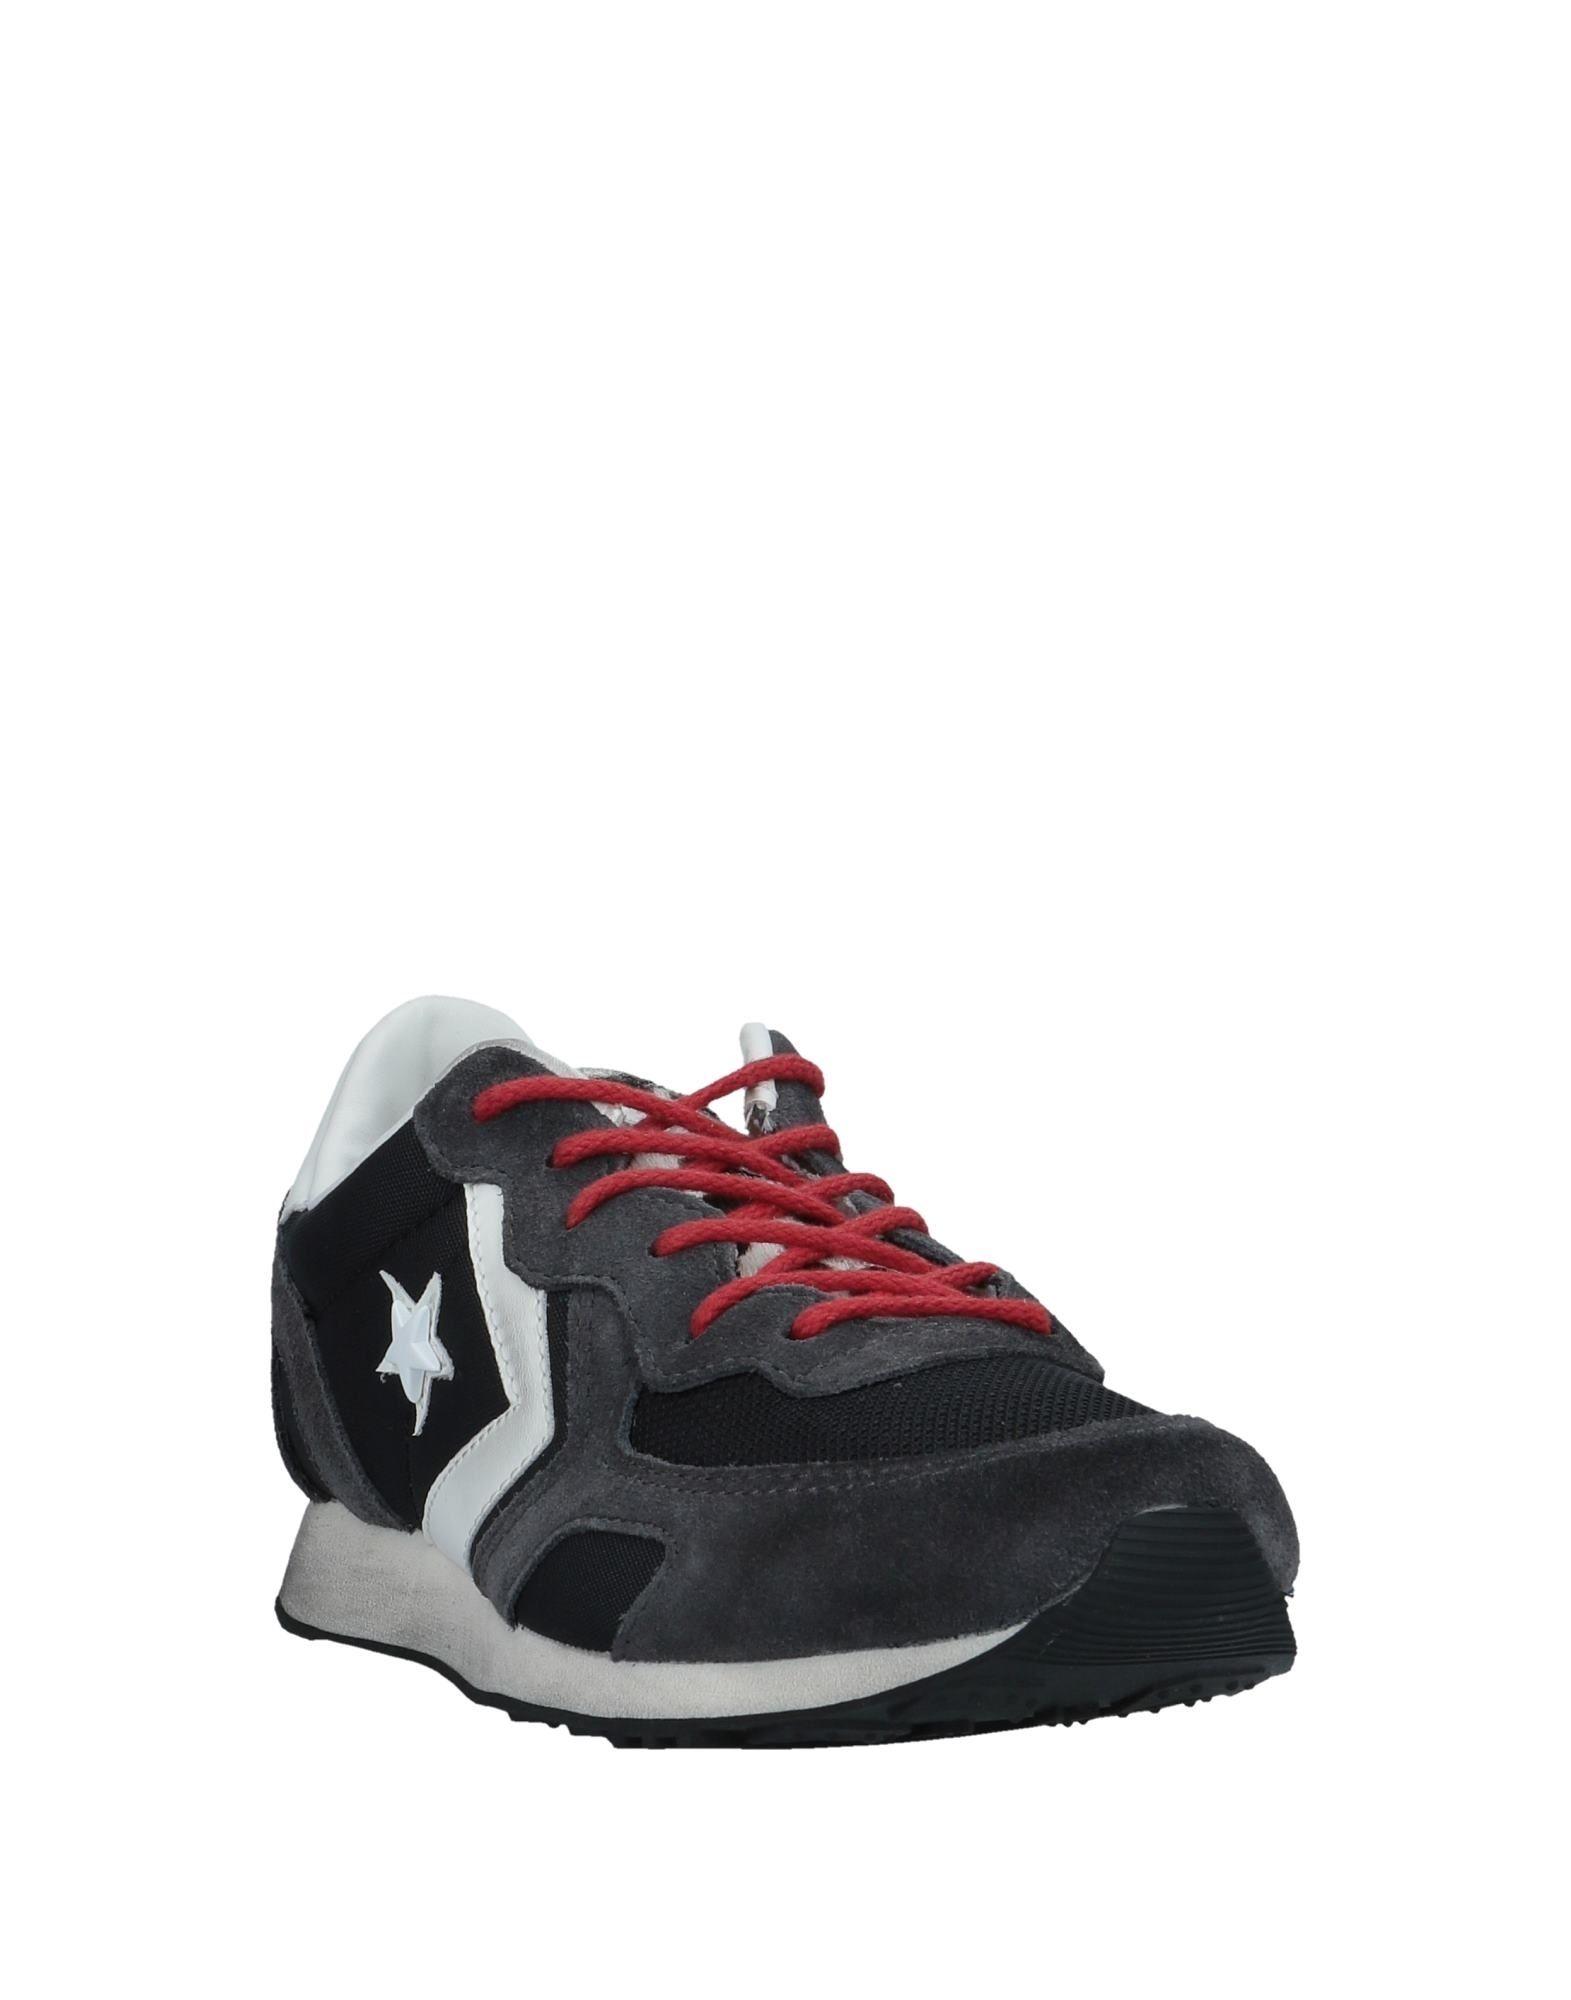 Converse Sneakers Damen beliebte  11522768TL Gute Qualität beliebte Damen Schuhe ad775f